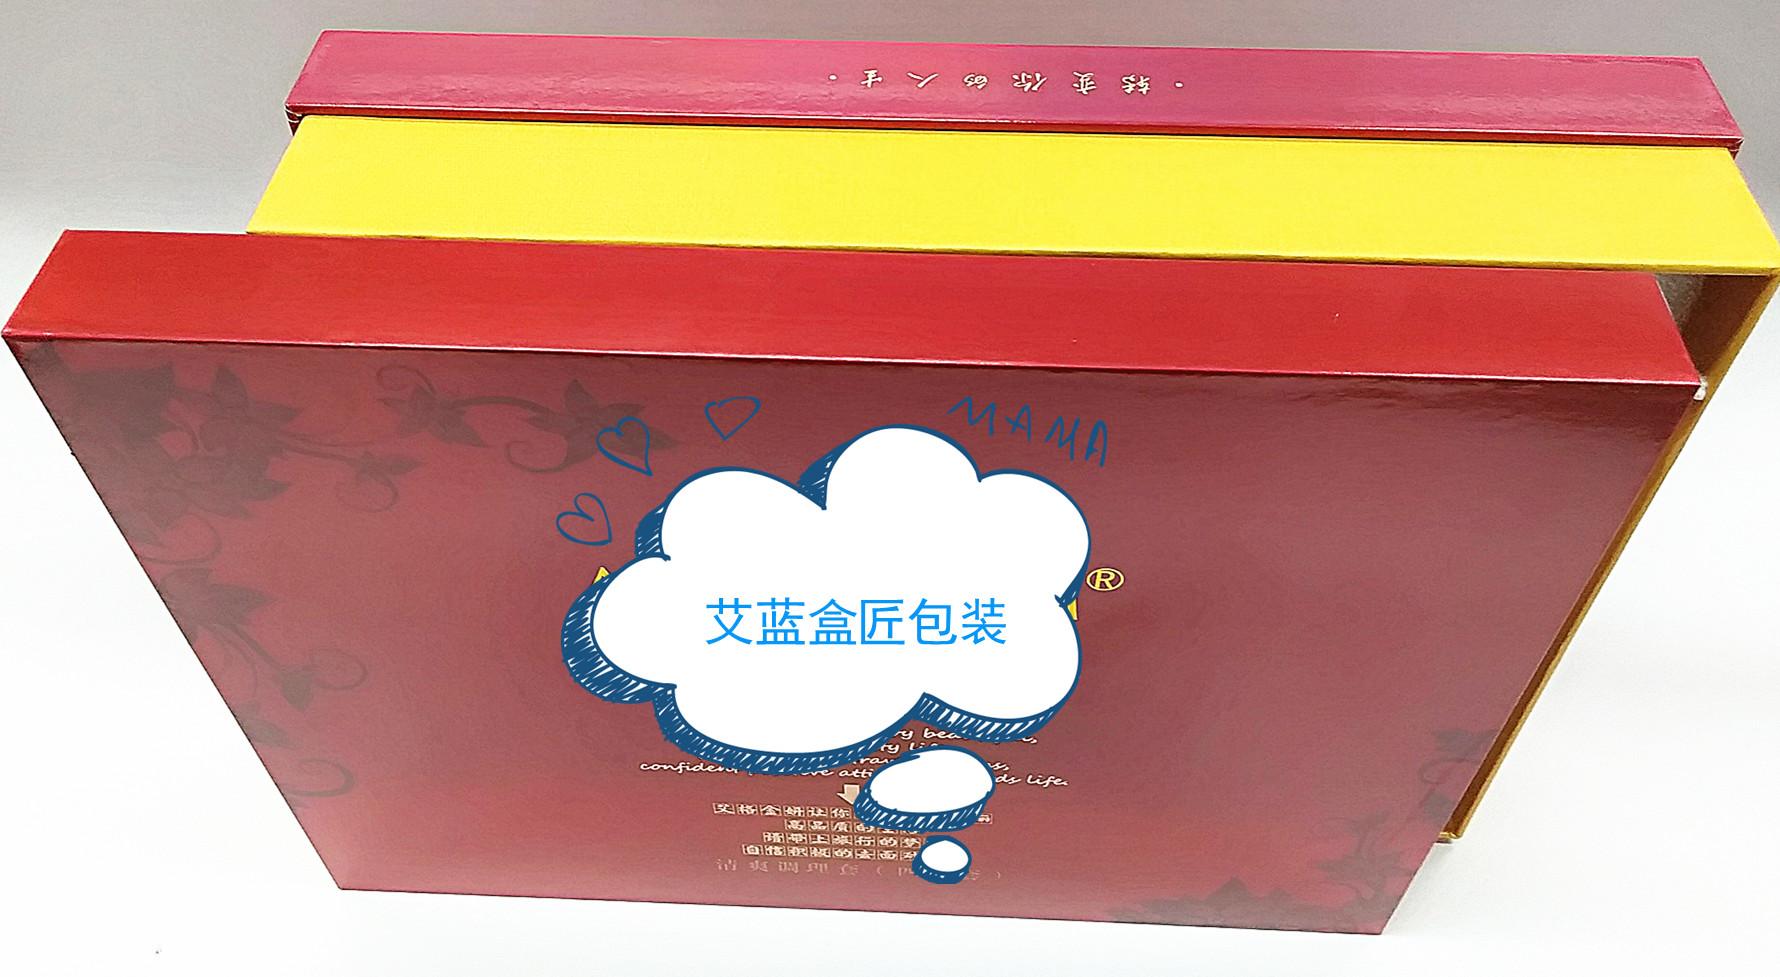 【官网】亦宸包装实业-包装盒_广州包装盒厂家_包装盒定制